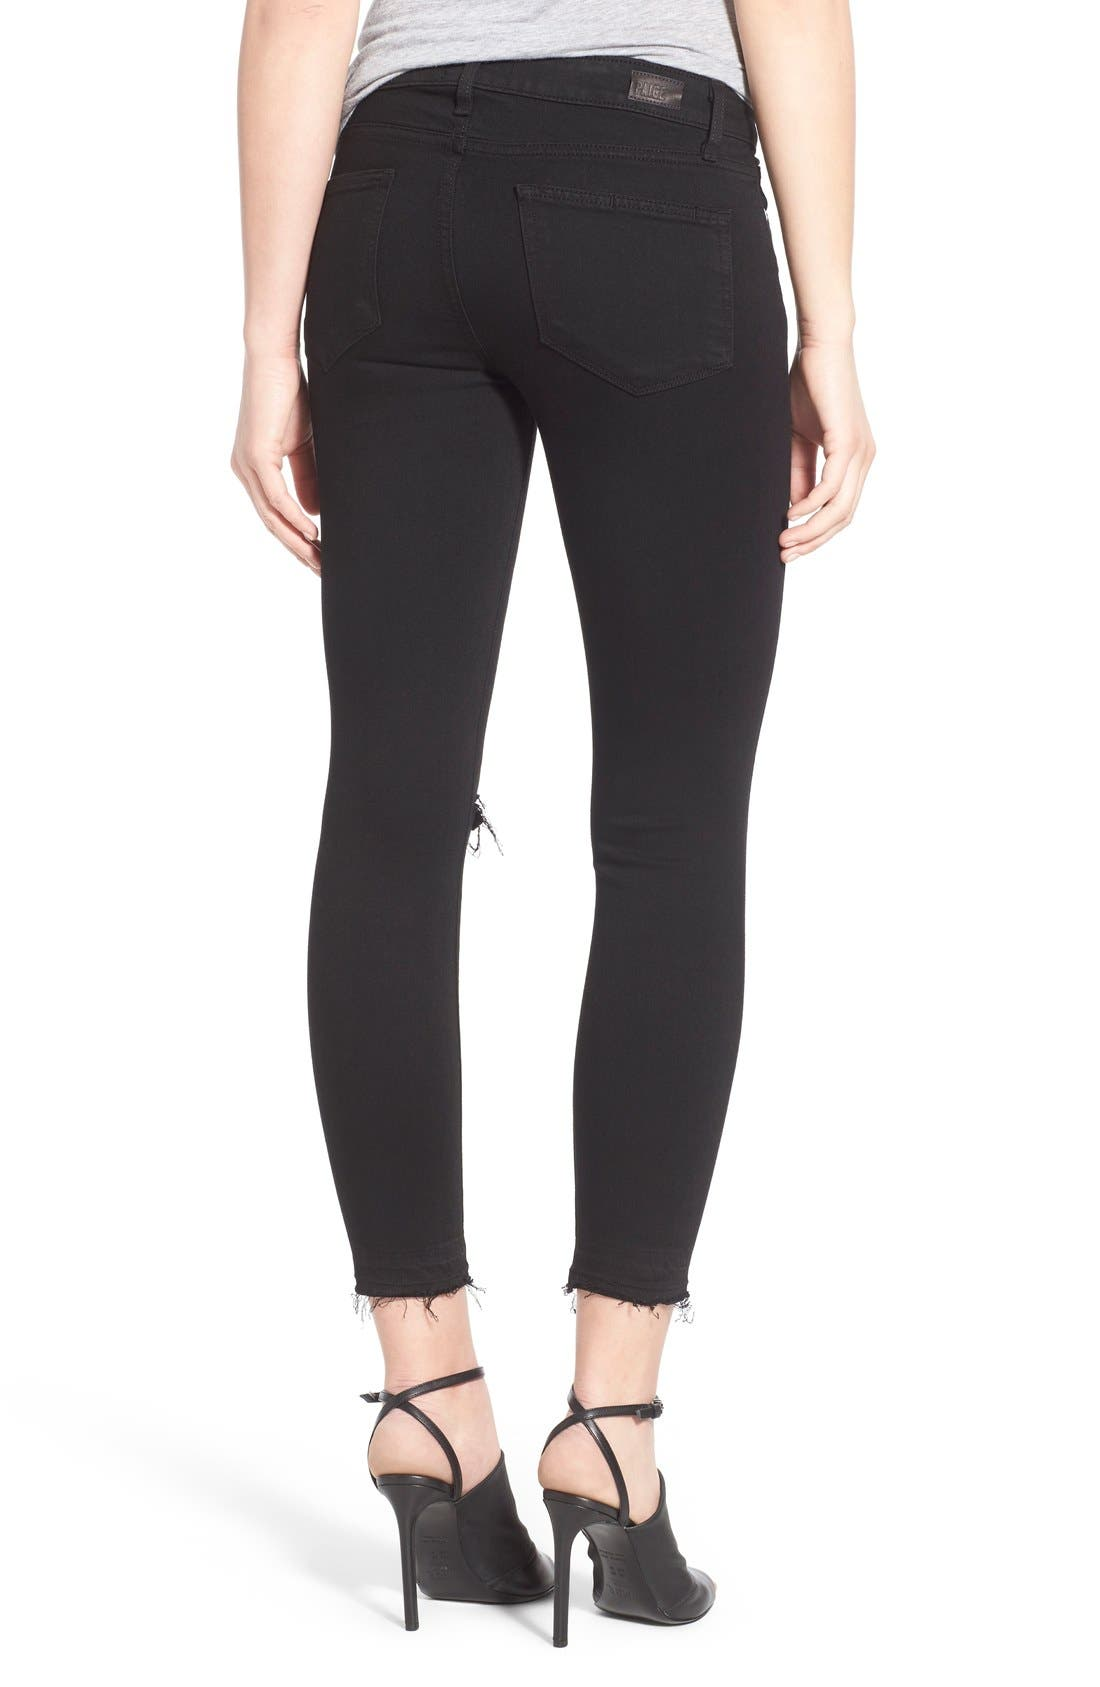 Alternate Image 2  - Paige Denim 'Transcend - Verdugo' Crop Skinny Jeans (Black Destructed)